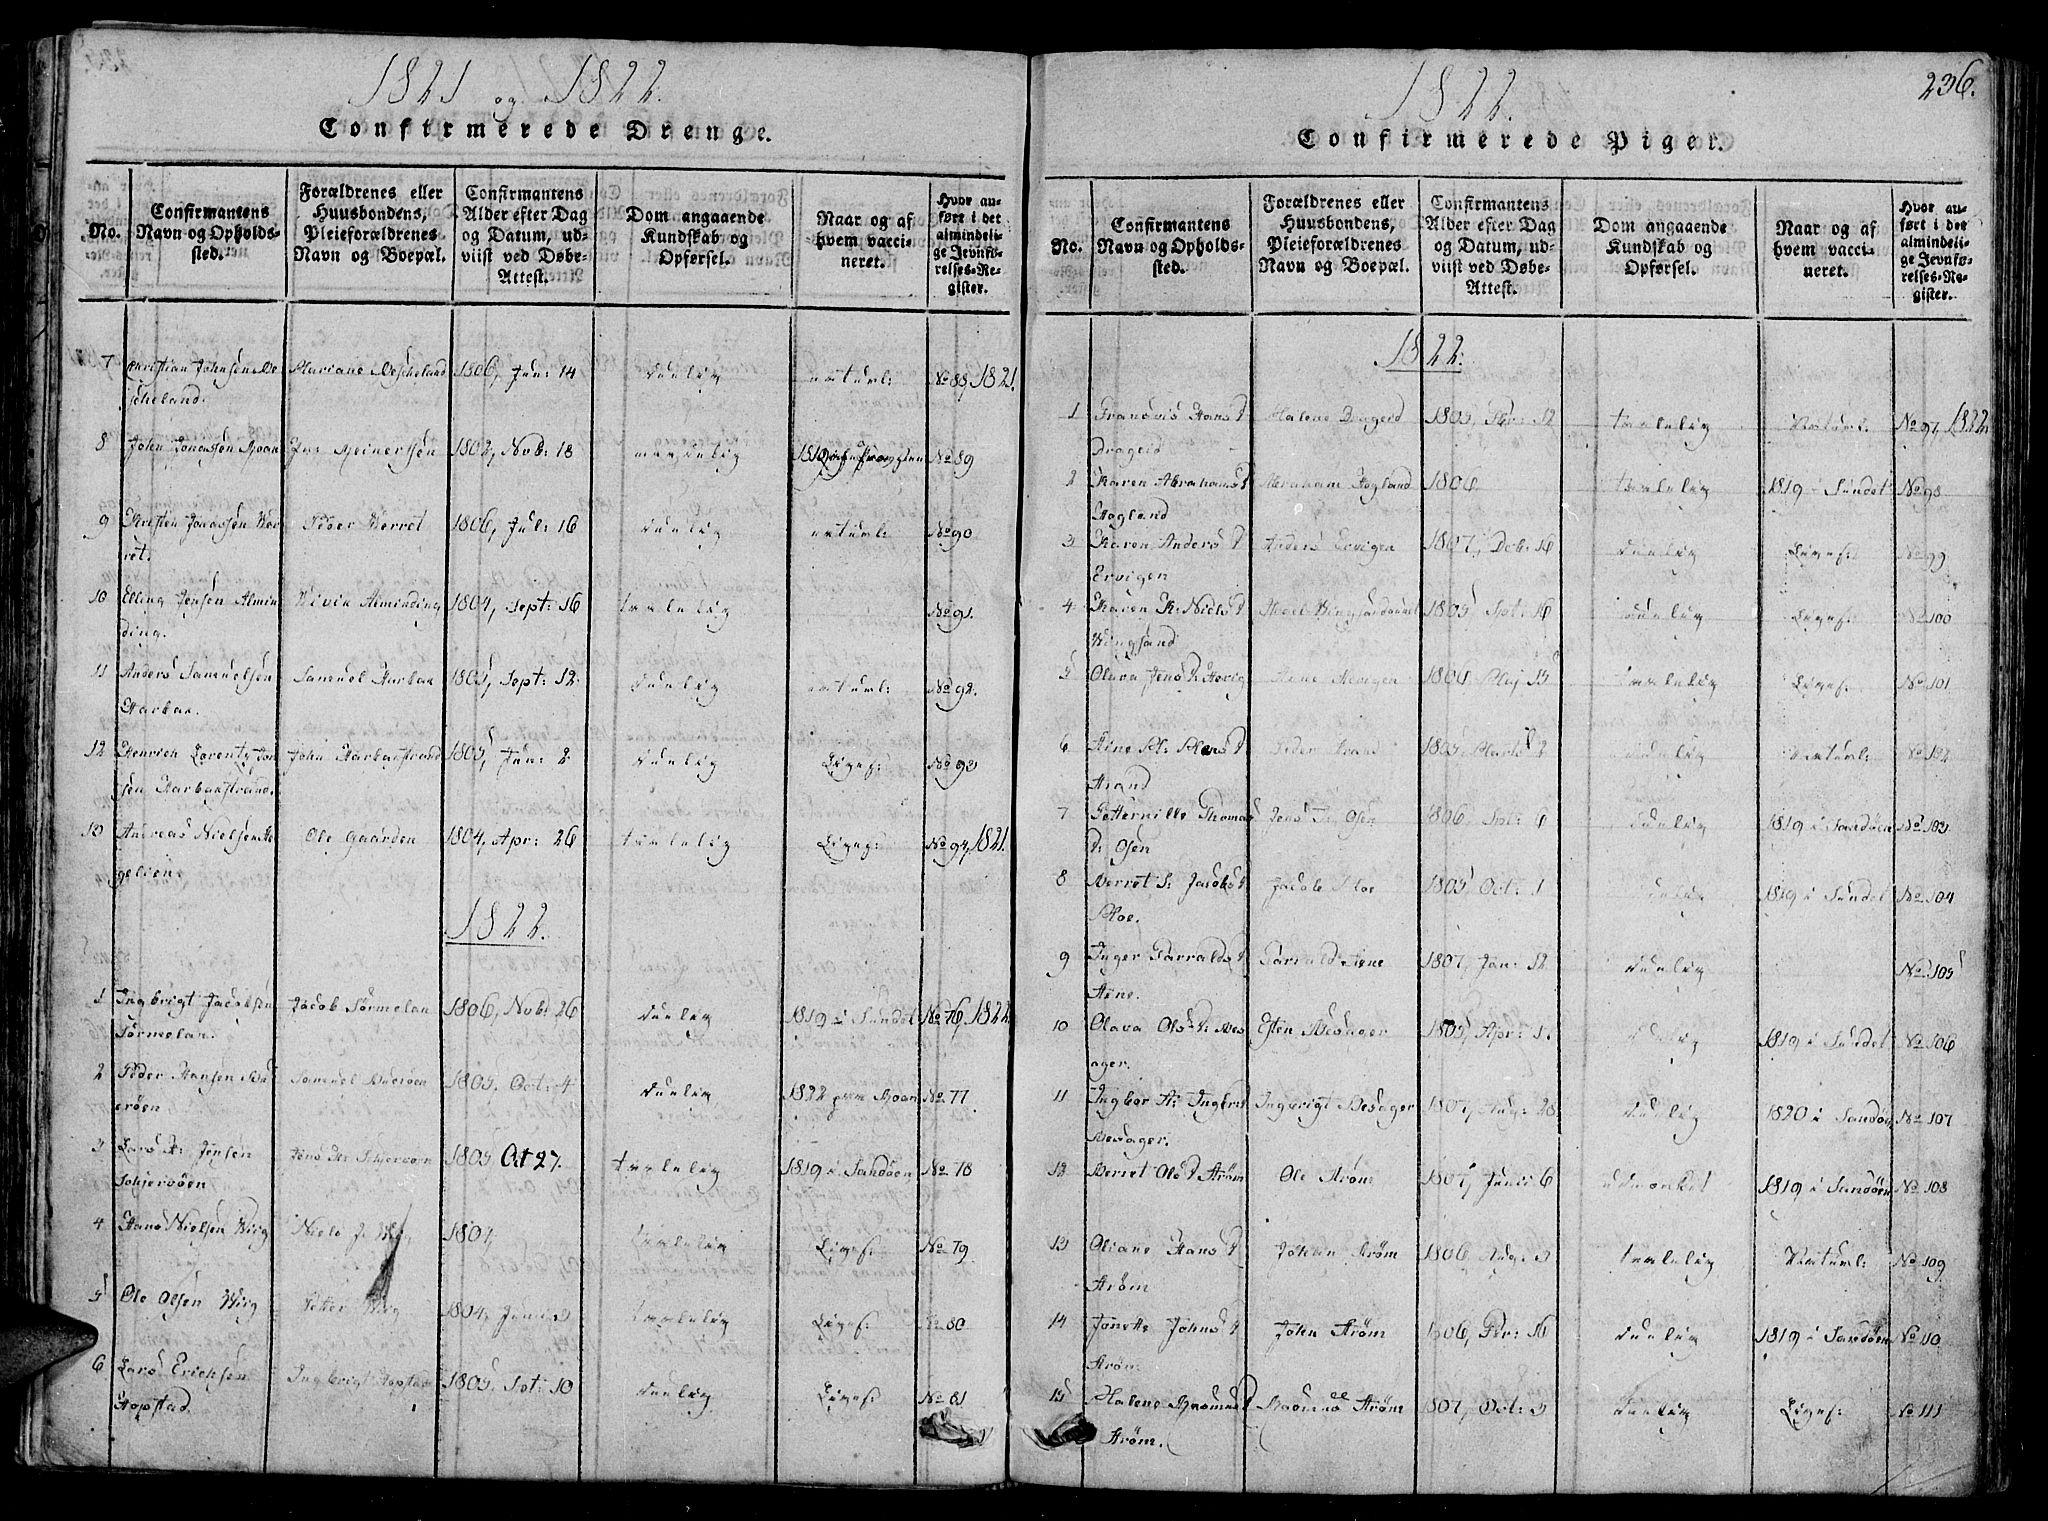 SAT, Ministerialprotokoller, klokkerbøker og fødselsregistre - Sør-Trøndelag, 657/L0702: Ministerialbok nr. 657A03, 1818-1831, s. 236